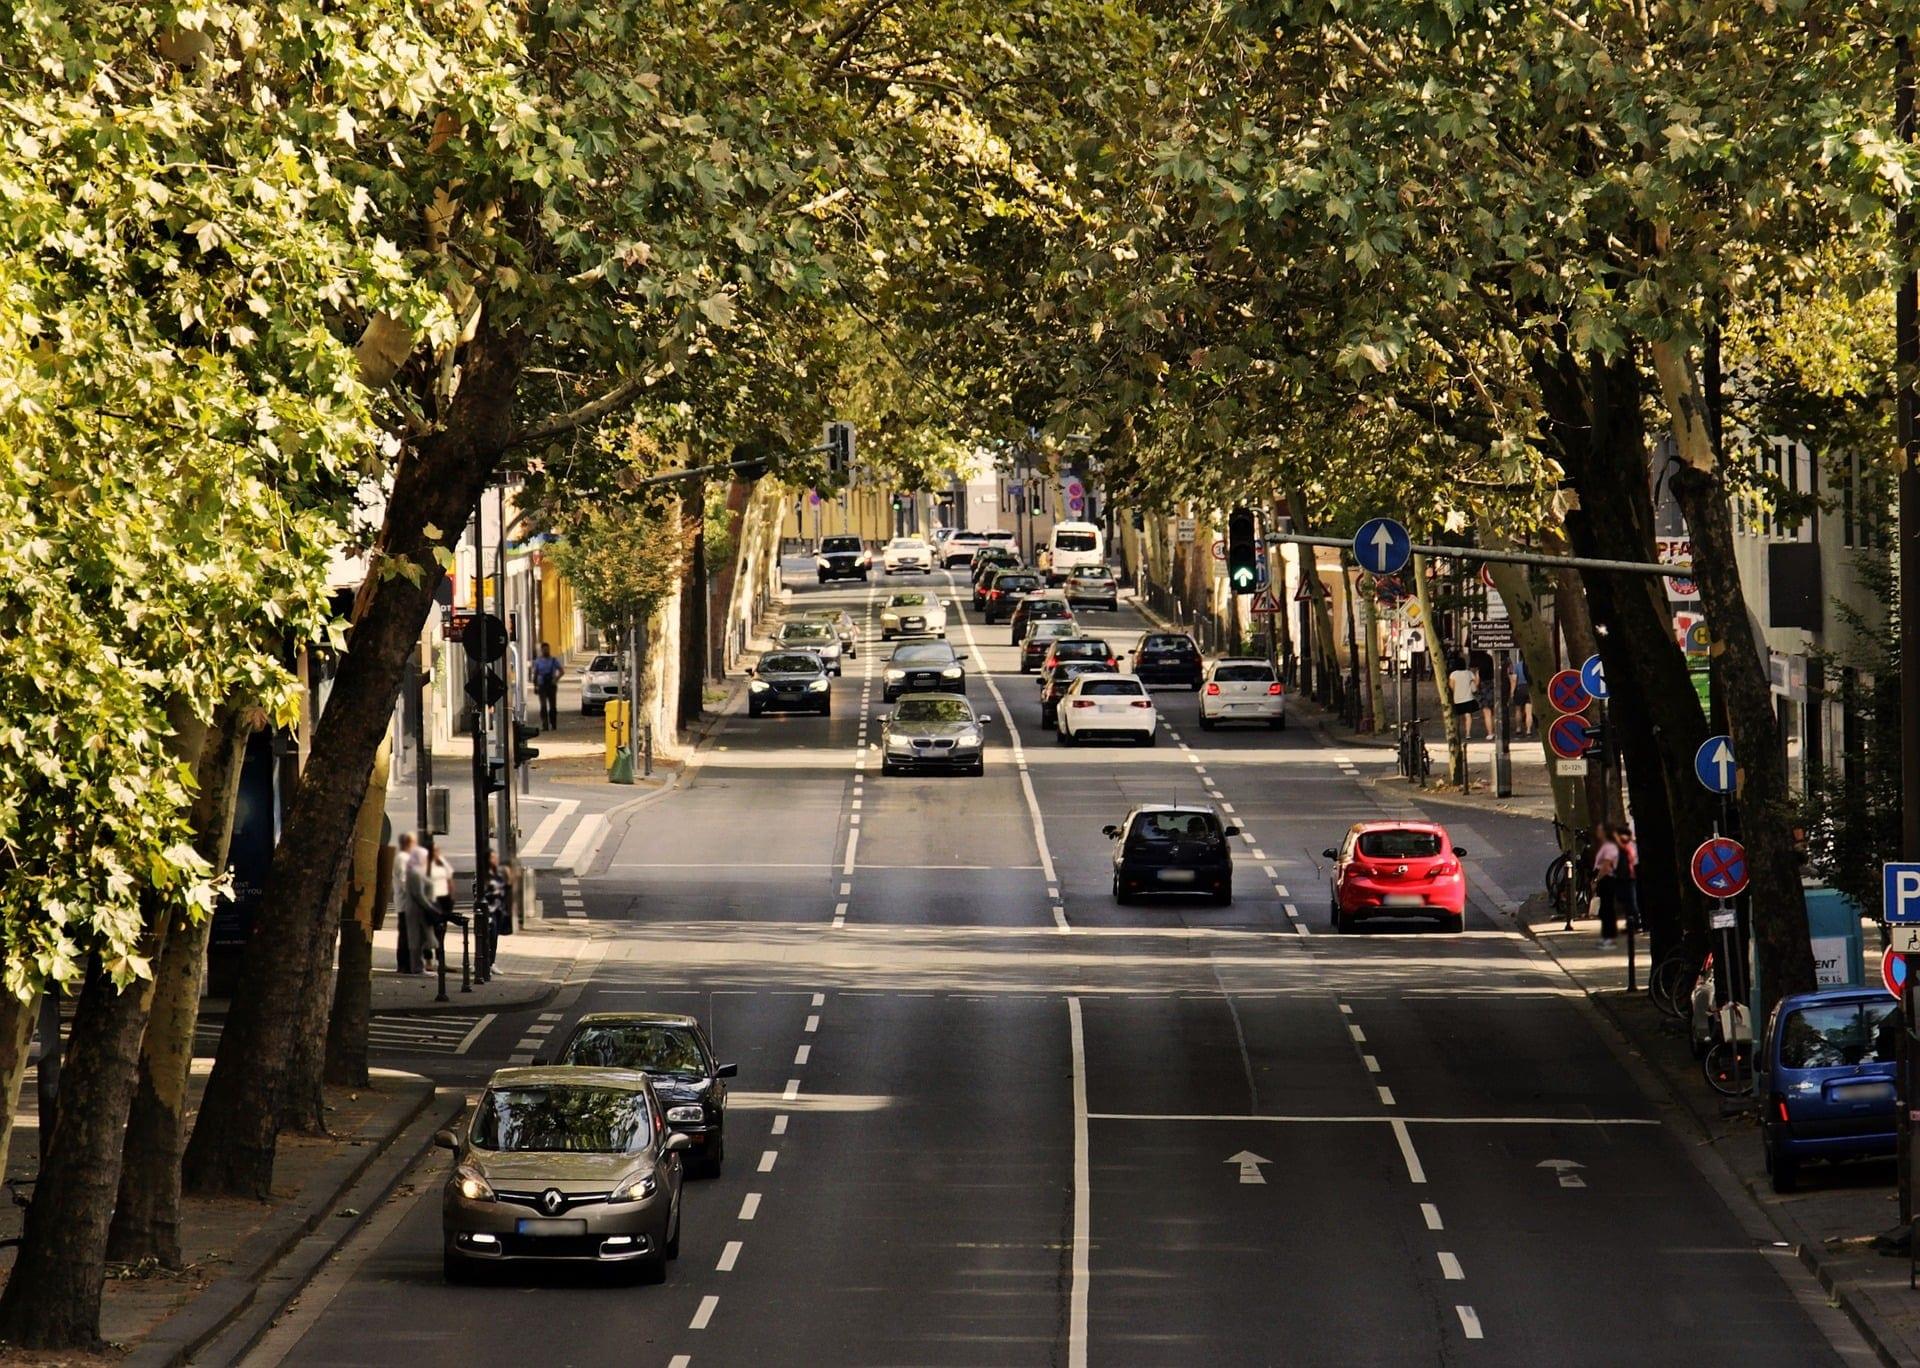 Kørsel i biler befordringsfradrag